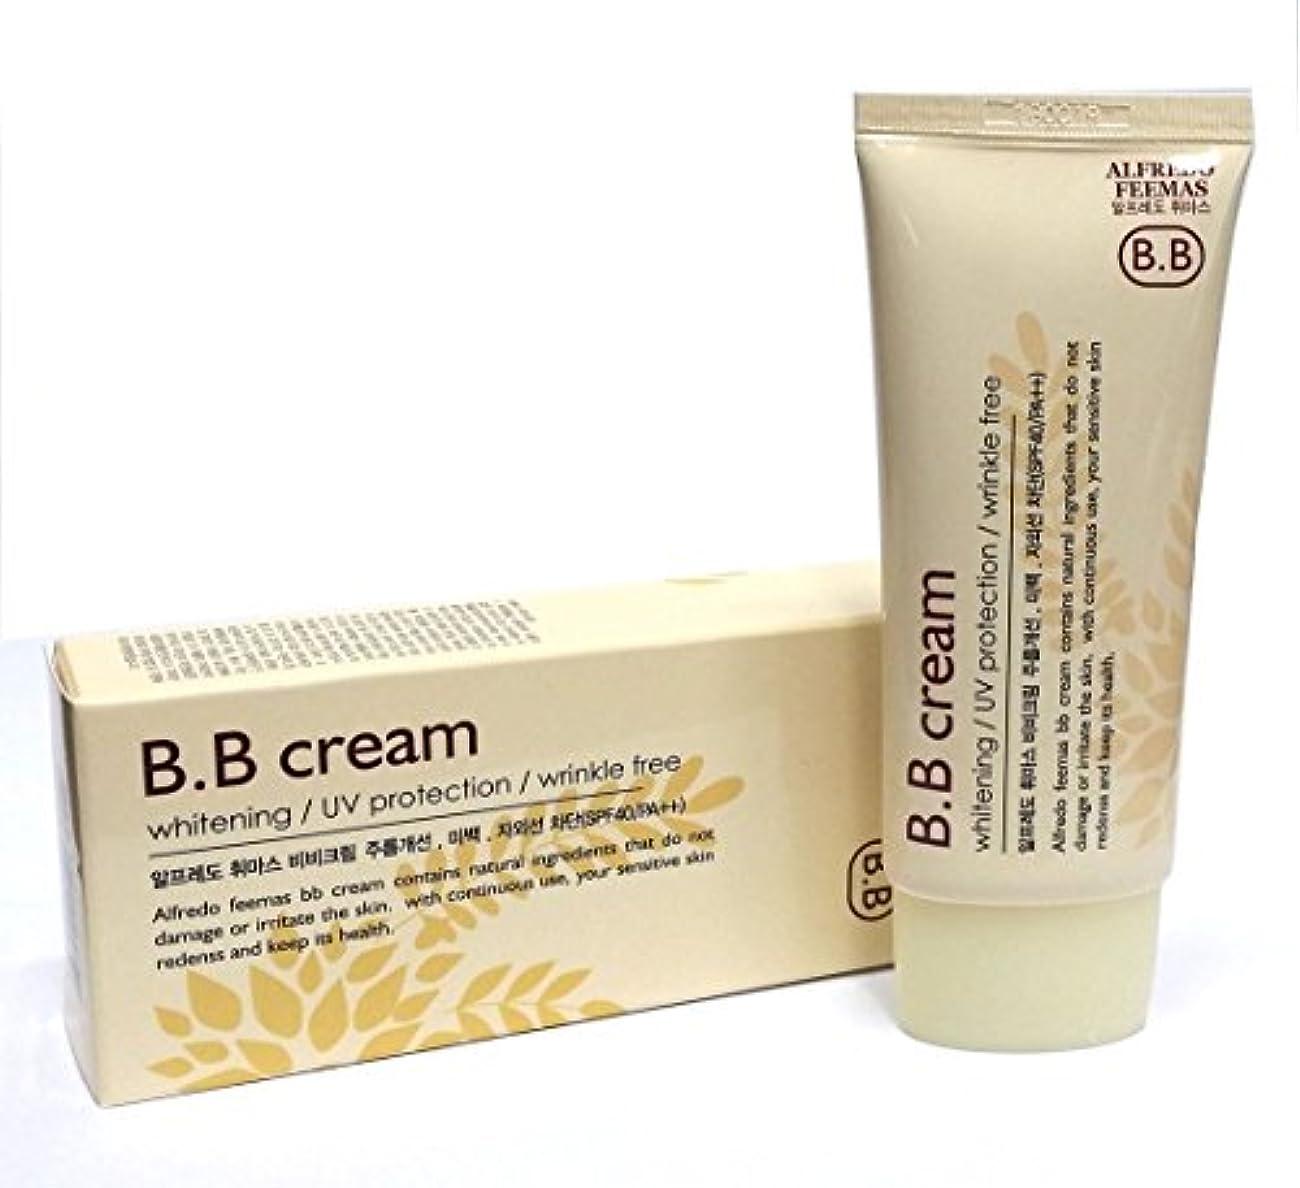 接地夜明け隔離アルフレッドフェイマスBBクリーム50ml X 1ea / Alfredo feemas BB cream 50ml X 1ea / ホワイトニング、しわ、UVプロテクション(SPF40 PA ++)/ Whitening...